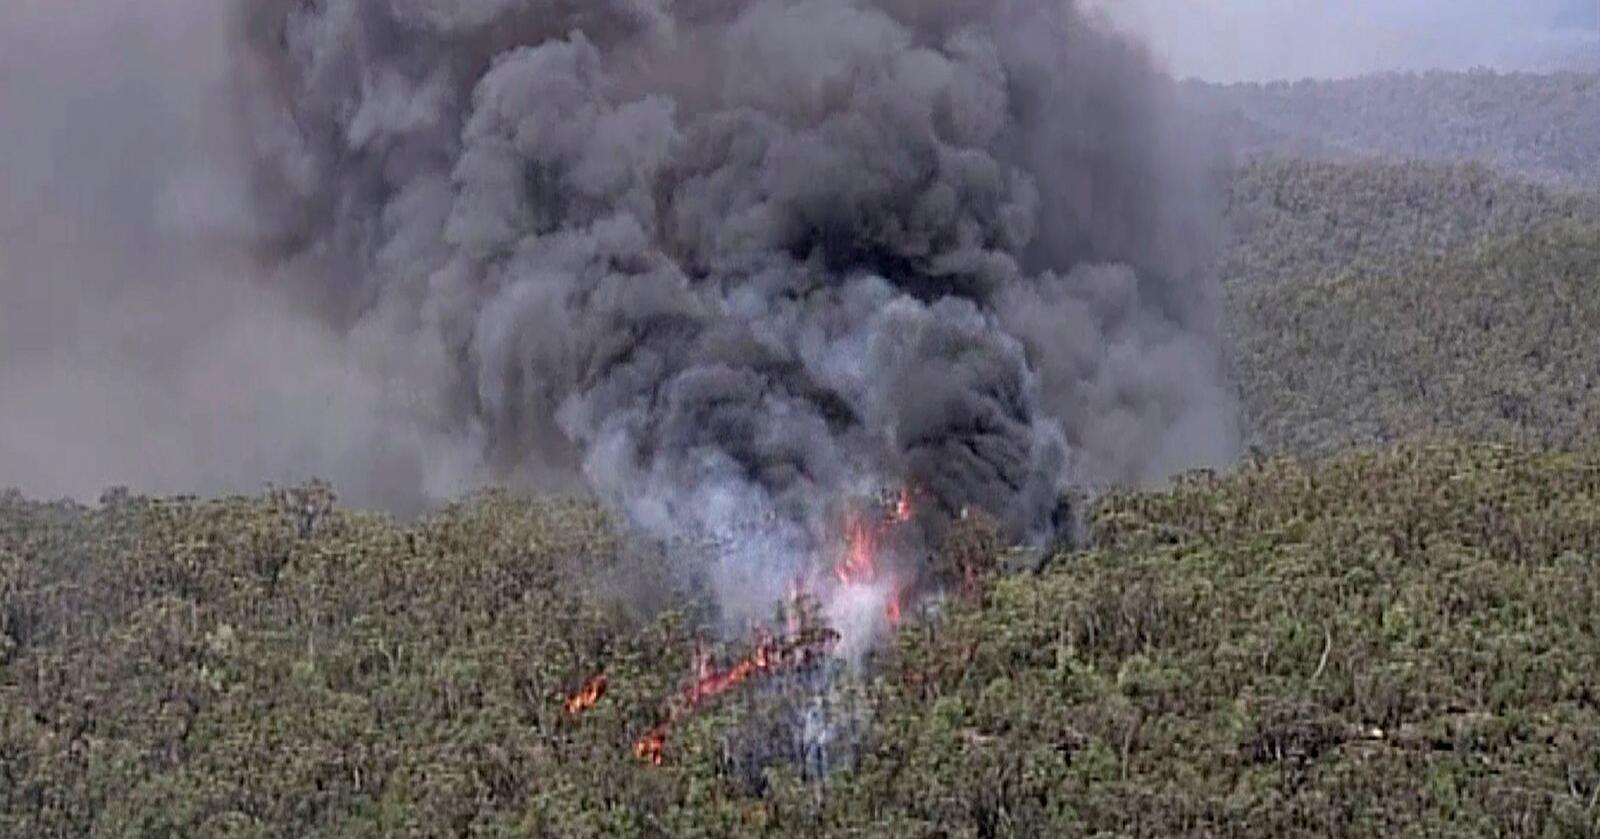 Brannen i Gospers Mountain har nå herjet i mer enn måned og har utviklet seg til det som er omtalt som en «megabrann». Hele den australske delstaten New South Wales er kraftig preget av de mange brannene som herjer i skogene. Foto: Australia Pool/ AP/ NTB scanpix